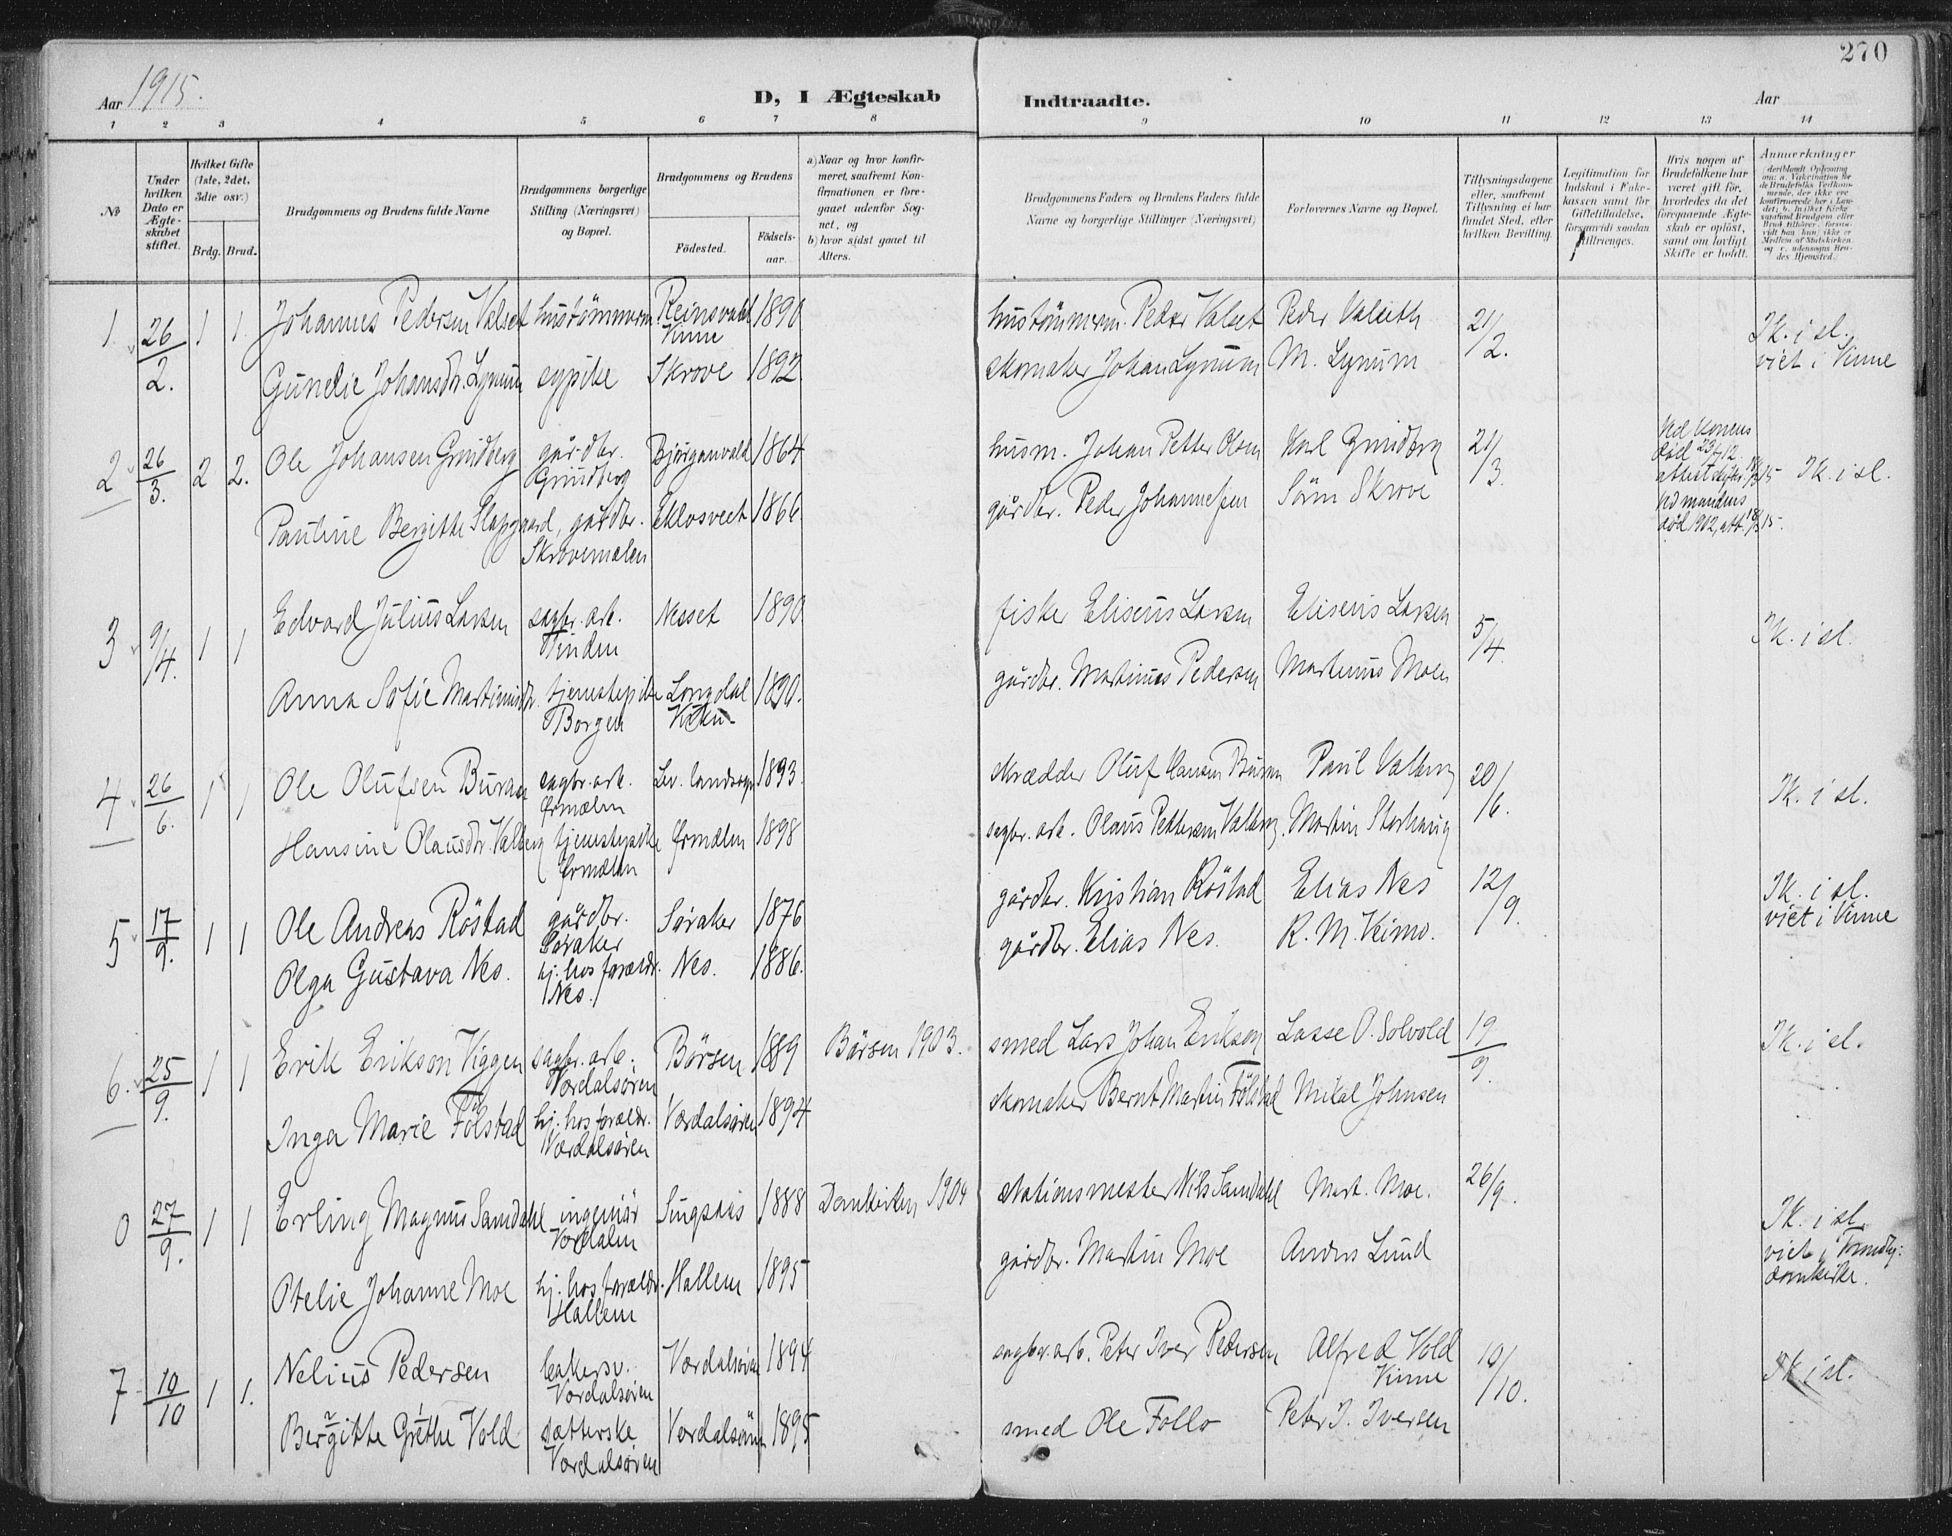 SAT, Ministerialprotokoller, klokkerbøker og fødselsregistre - Nord-Trøndelag, 723/L0246: Ministerialbok nr. 723A15, 1900-1917, s. 270